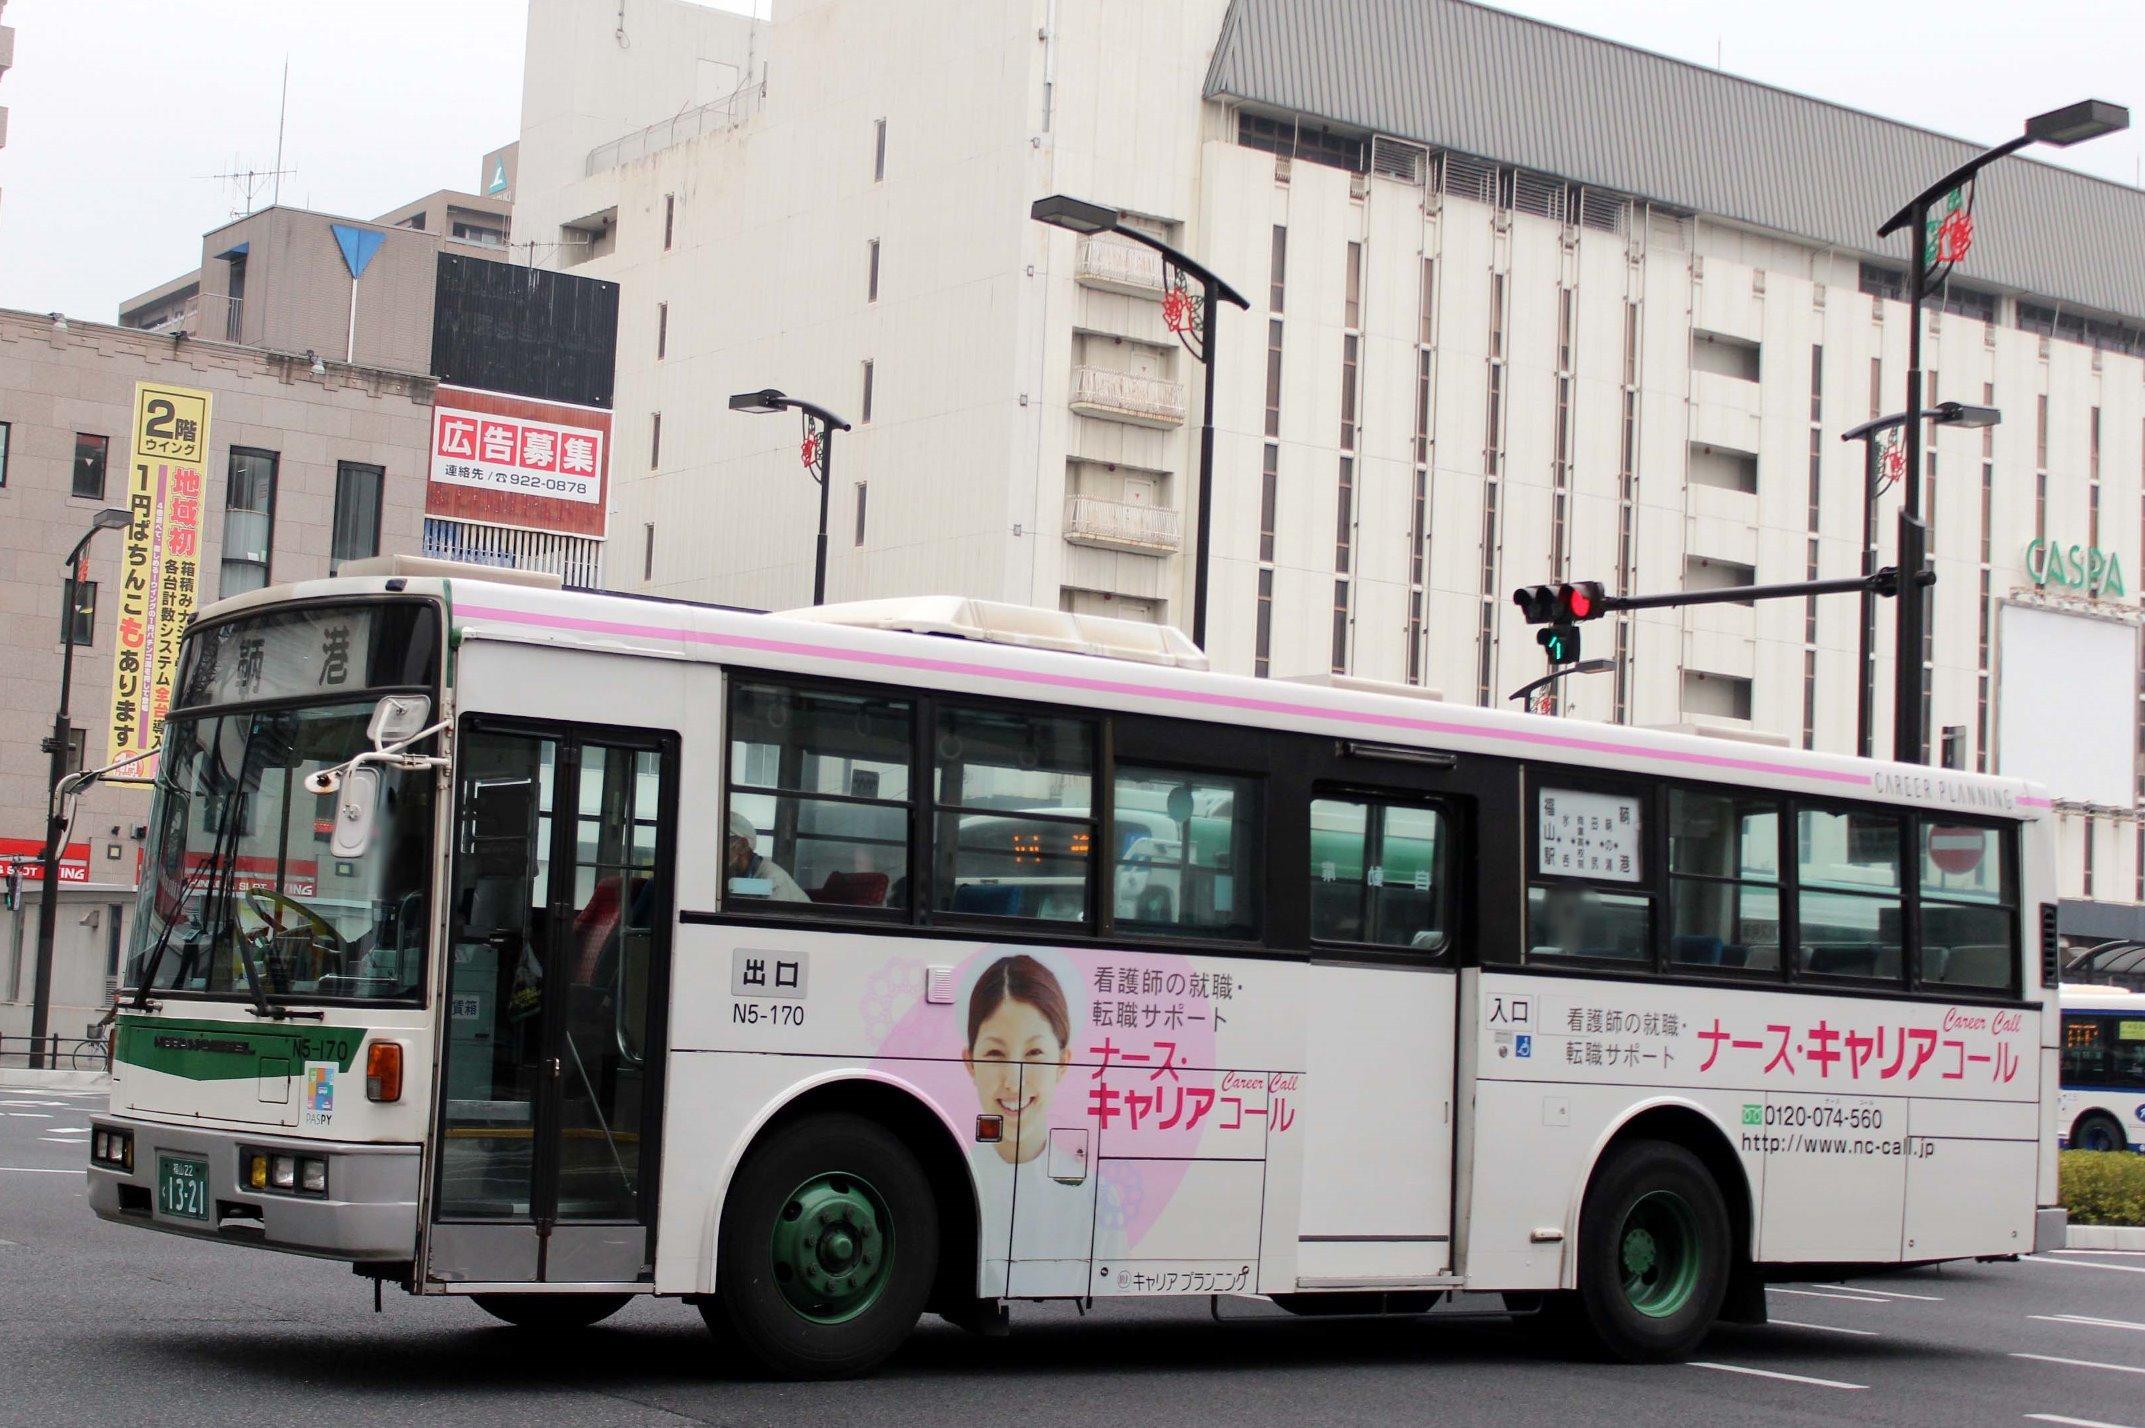 鞆鉄道 N5-170